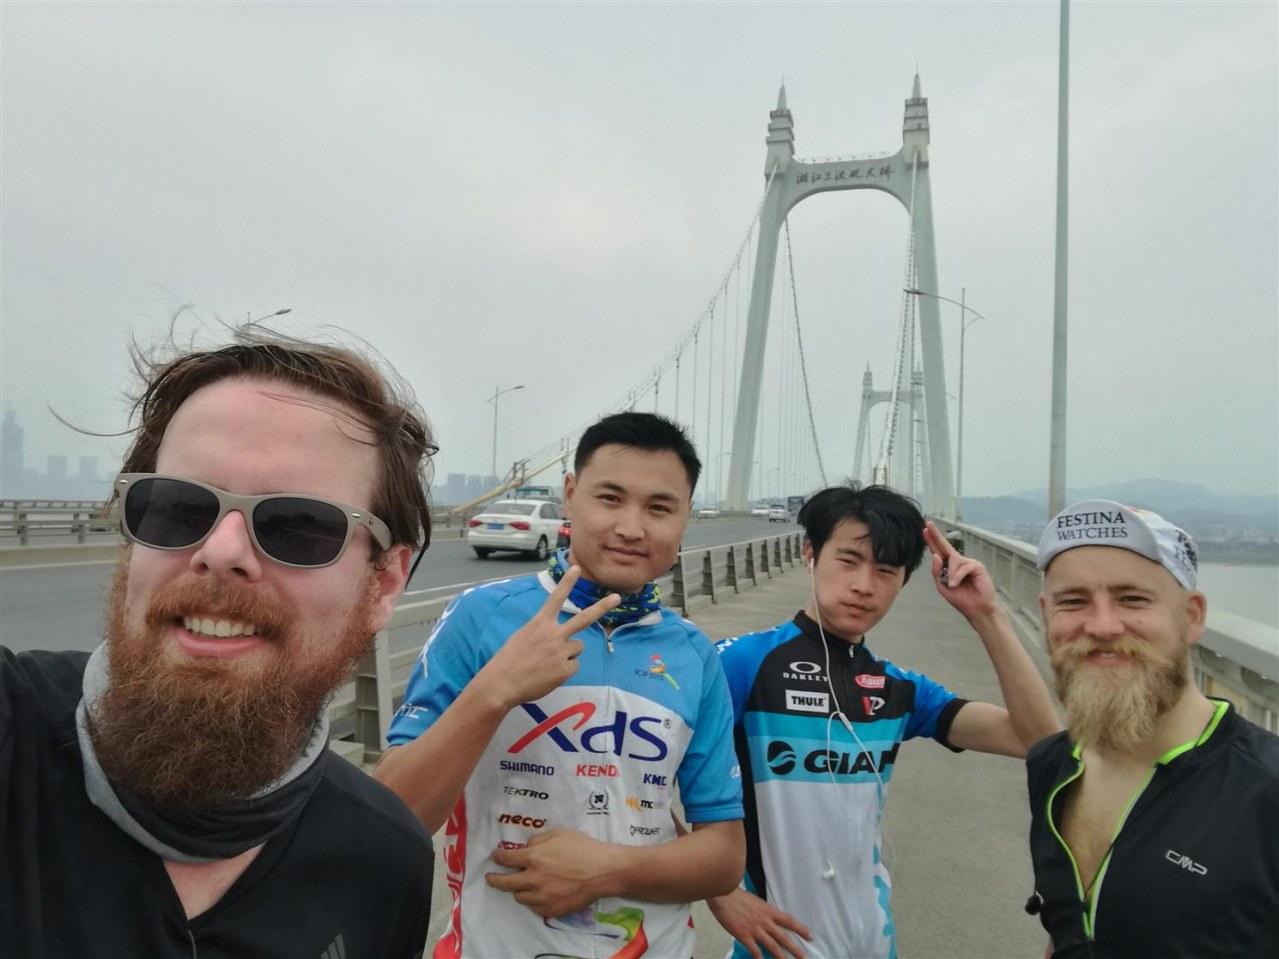 Verplant - Wie zwei Typen versuchen, mit dem Rad nach Vietnam zu fahren - Bild 5